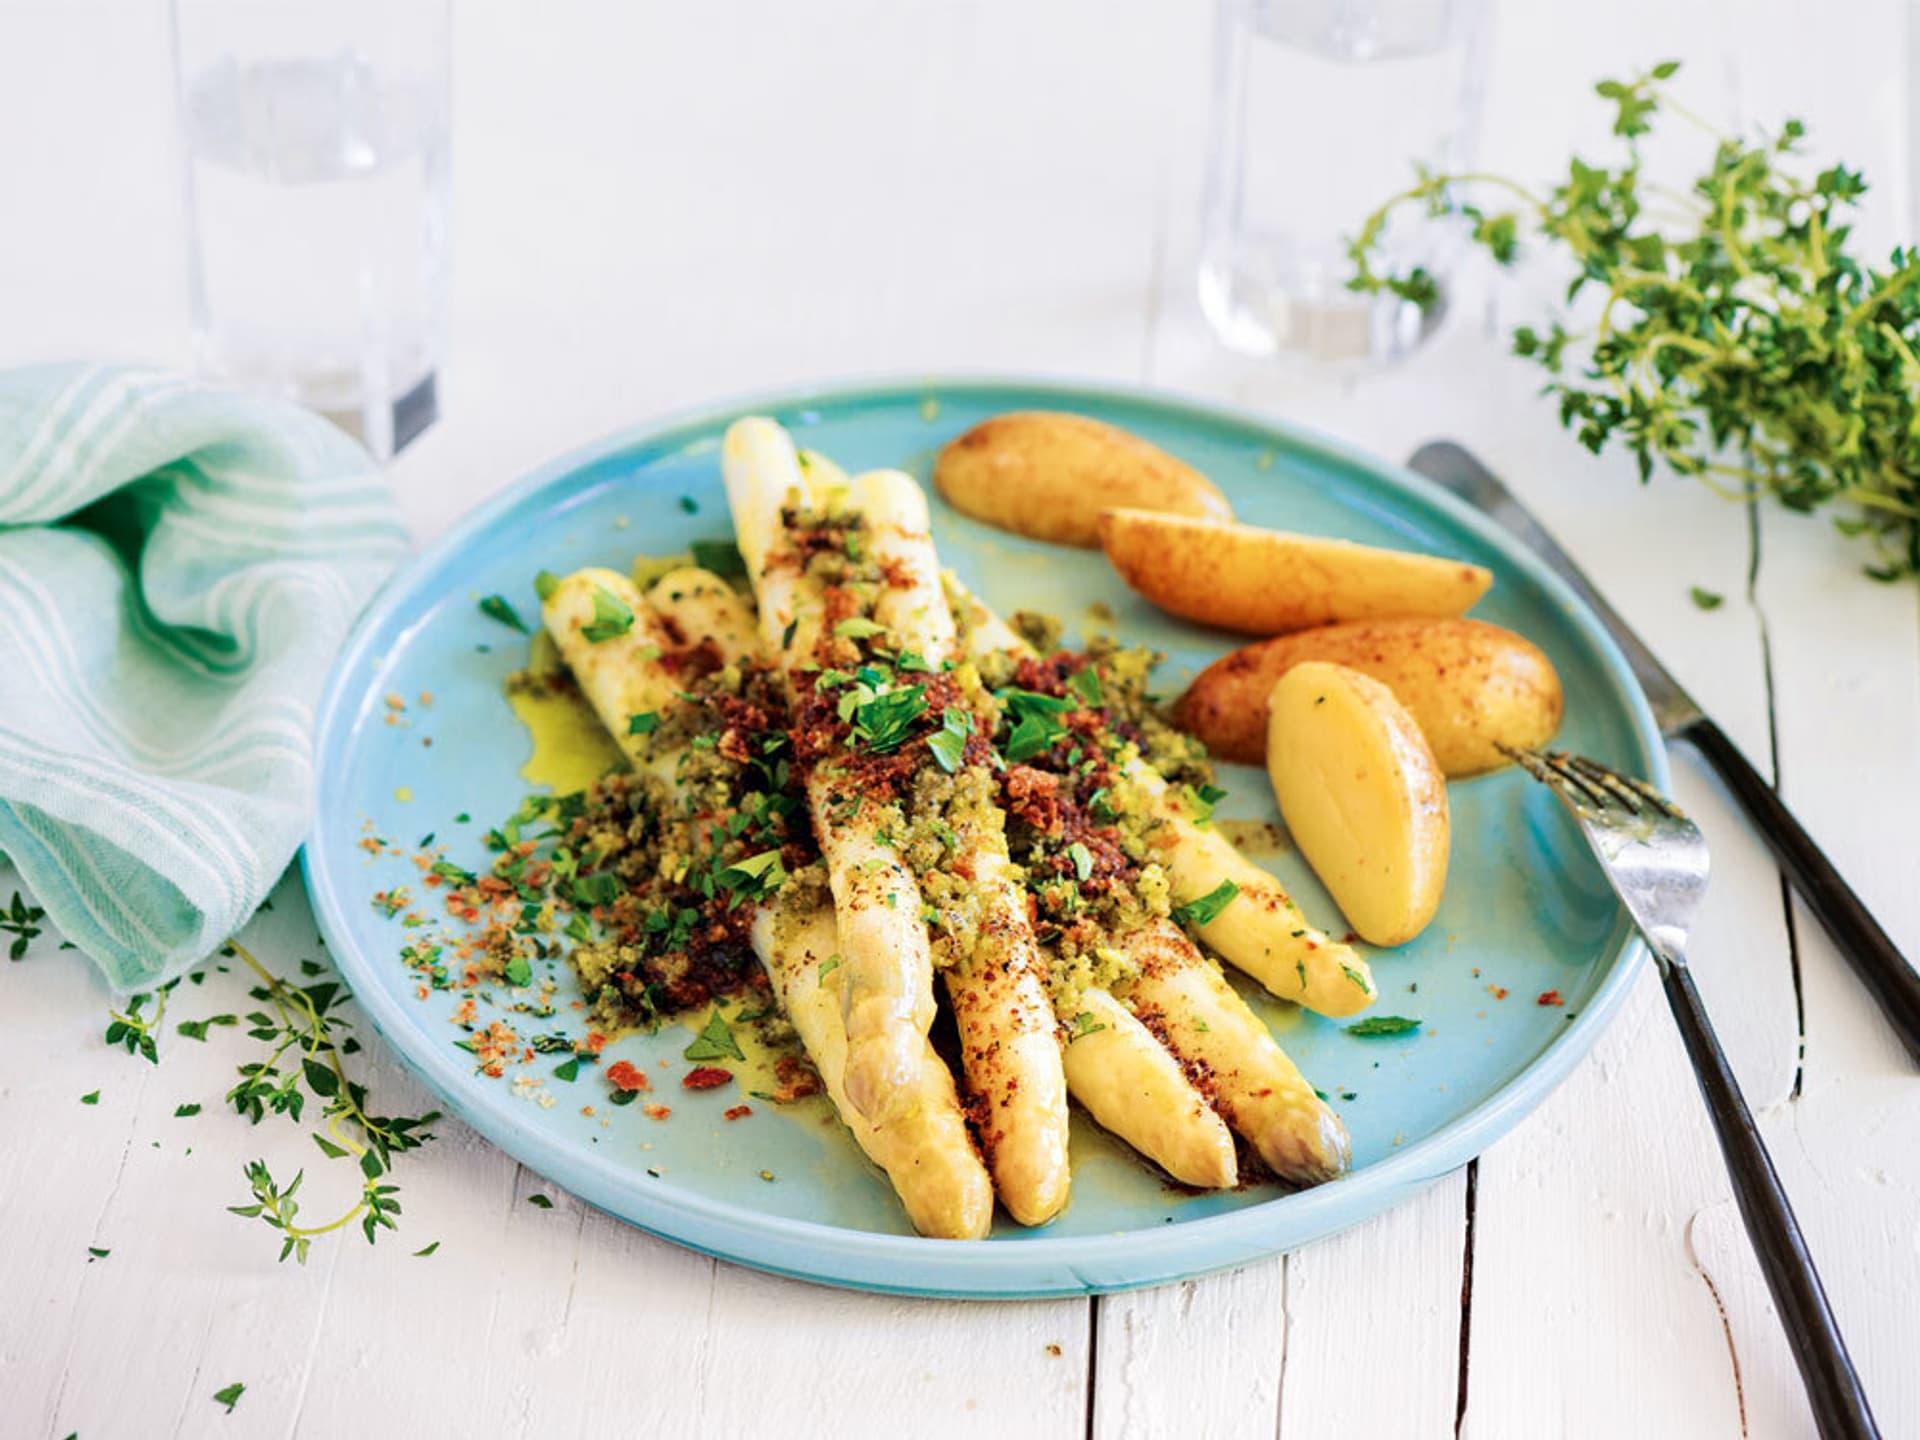 Spargel mit Kräuterkruste und Kartoffeln auf einem hellblauen Teller